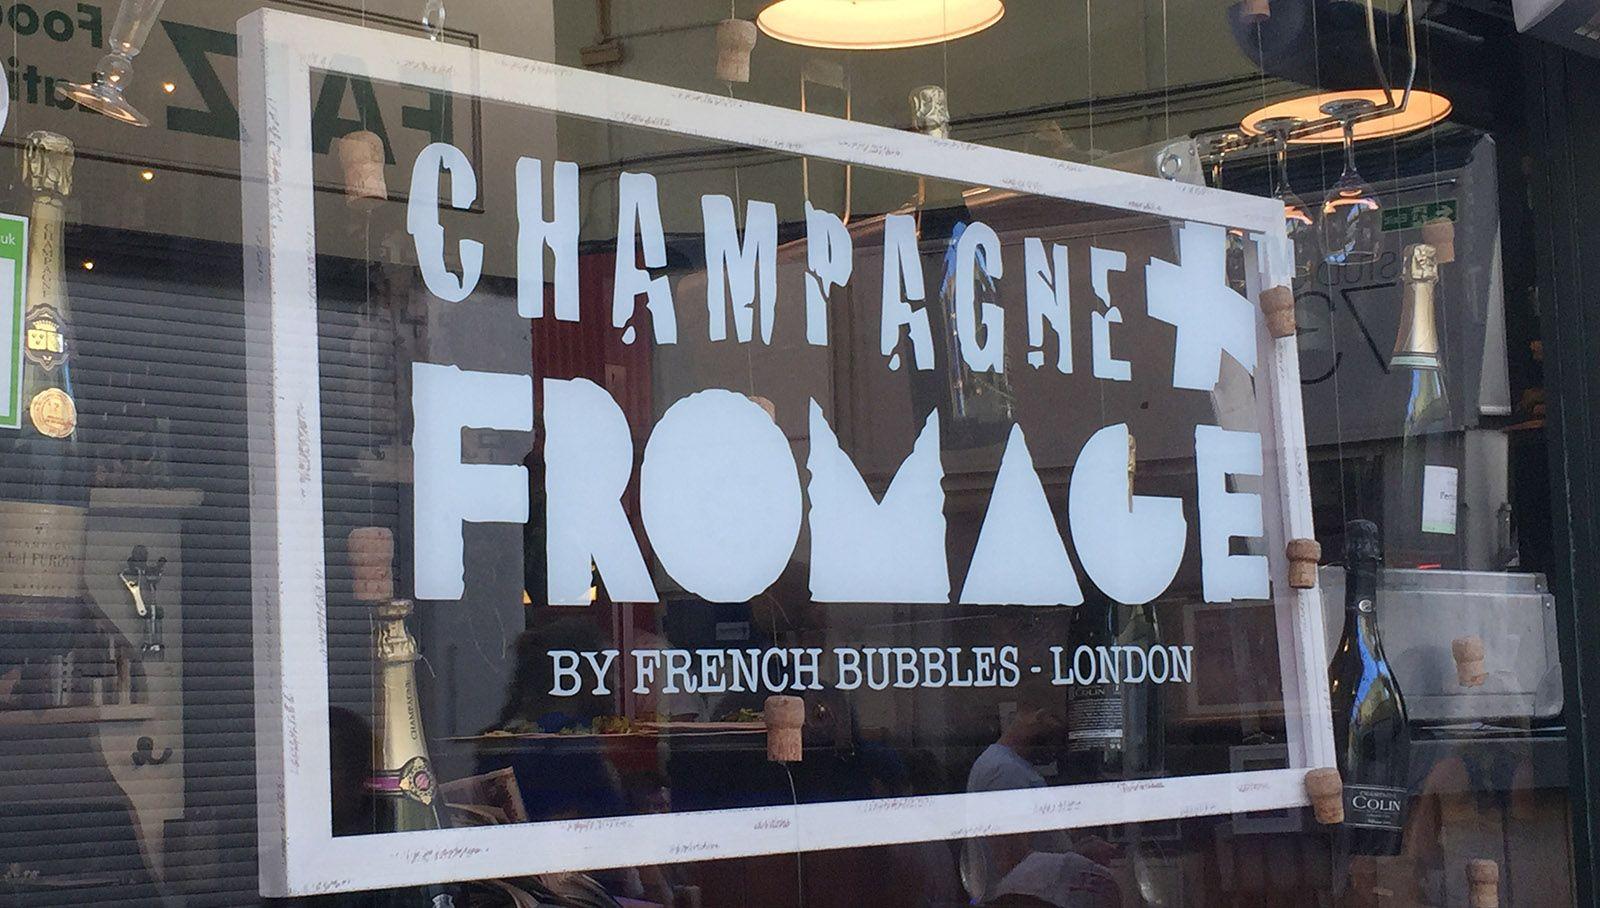 <p>En général, s'expatrier c'est s'immerger totalement dans une autre culture et découvrir de nouveaux produits, de nouvelles façons de cuisiner et de nouvelles combinaisons de saveurs. Mais soyons honnêtes, il est toujours agréable de pouvoir manger de bons produits français. Avec deux restaurants à Londres (et bientôt un troisième !), …</p>